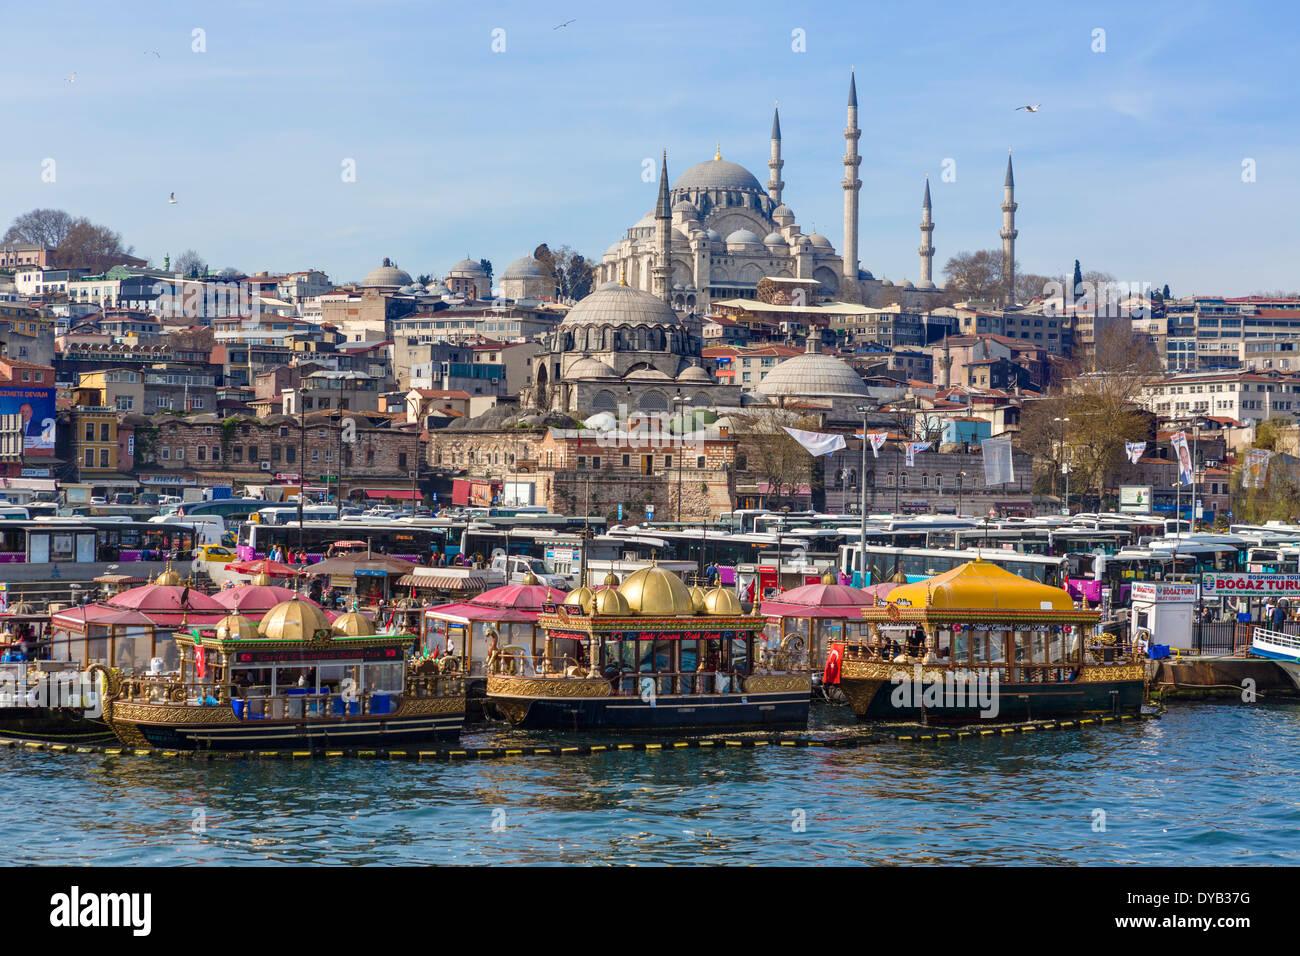 Bateaux de décoration vente de poissons sandwichs (Balik Ekmek Eminonu Tarihi) avec la Mosquée Suleymaniye derrière, Eminonu, Istanbul, Turquie Photo Stock